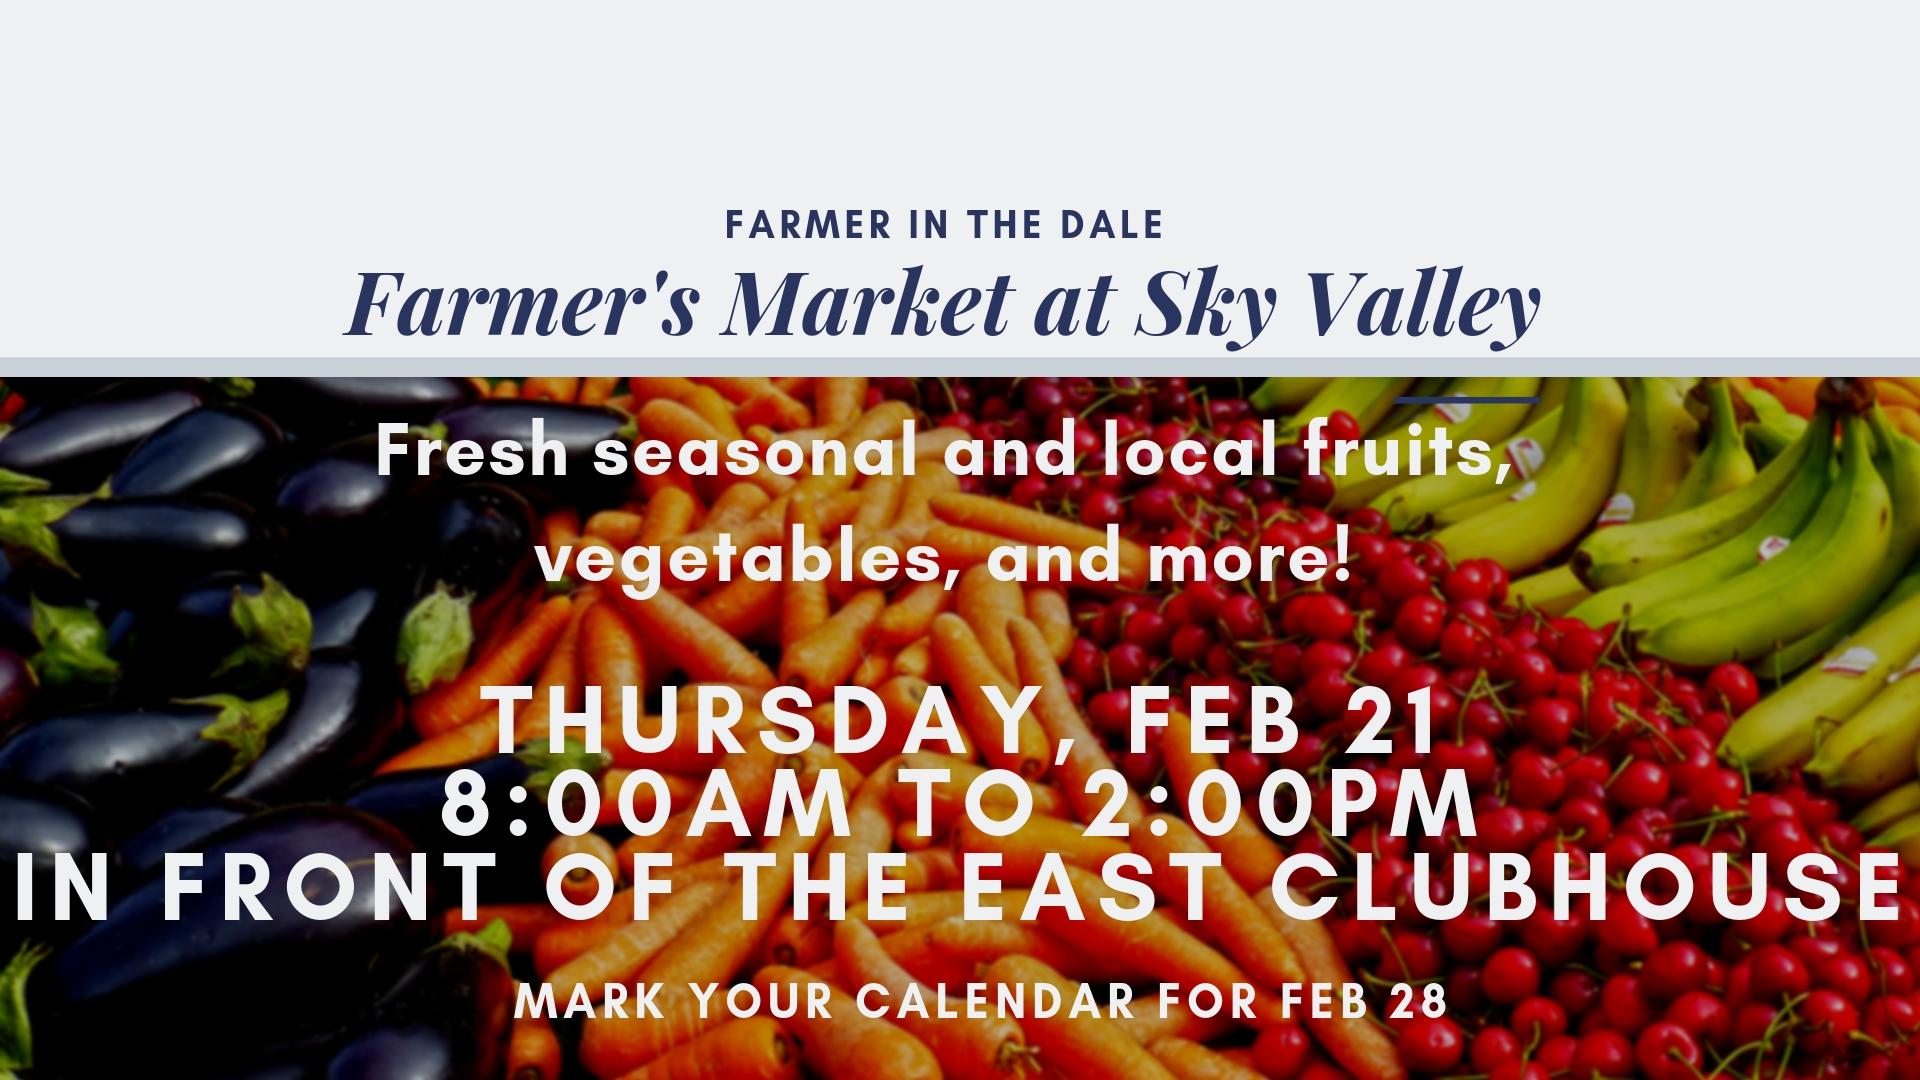 SVCS-Feb21-Farmer.jpg